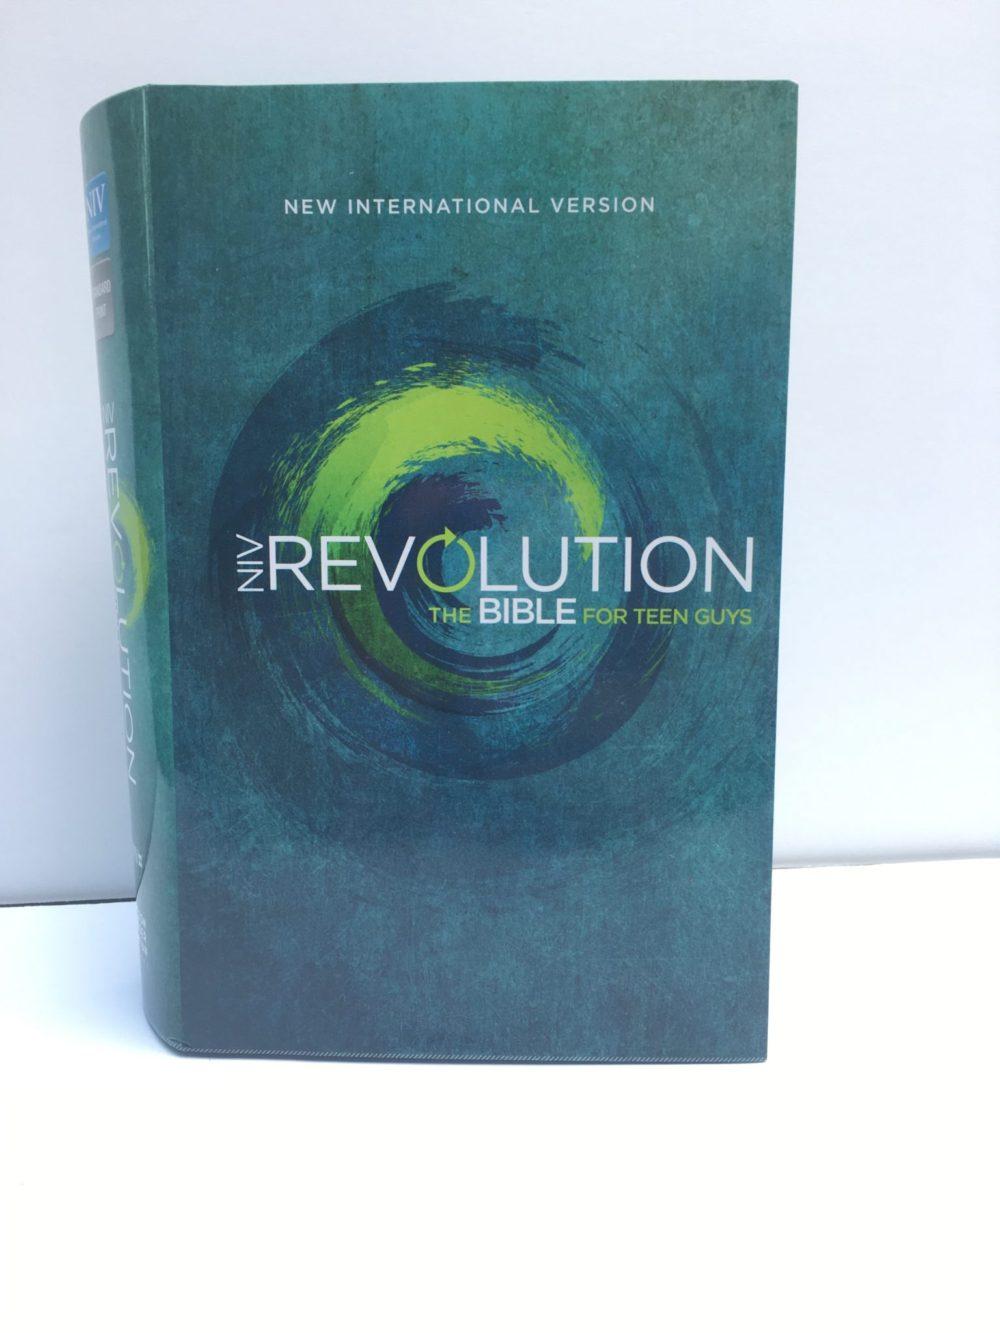 NIV The Revolution Bible for Teen Guys